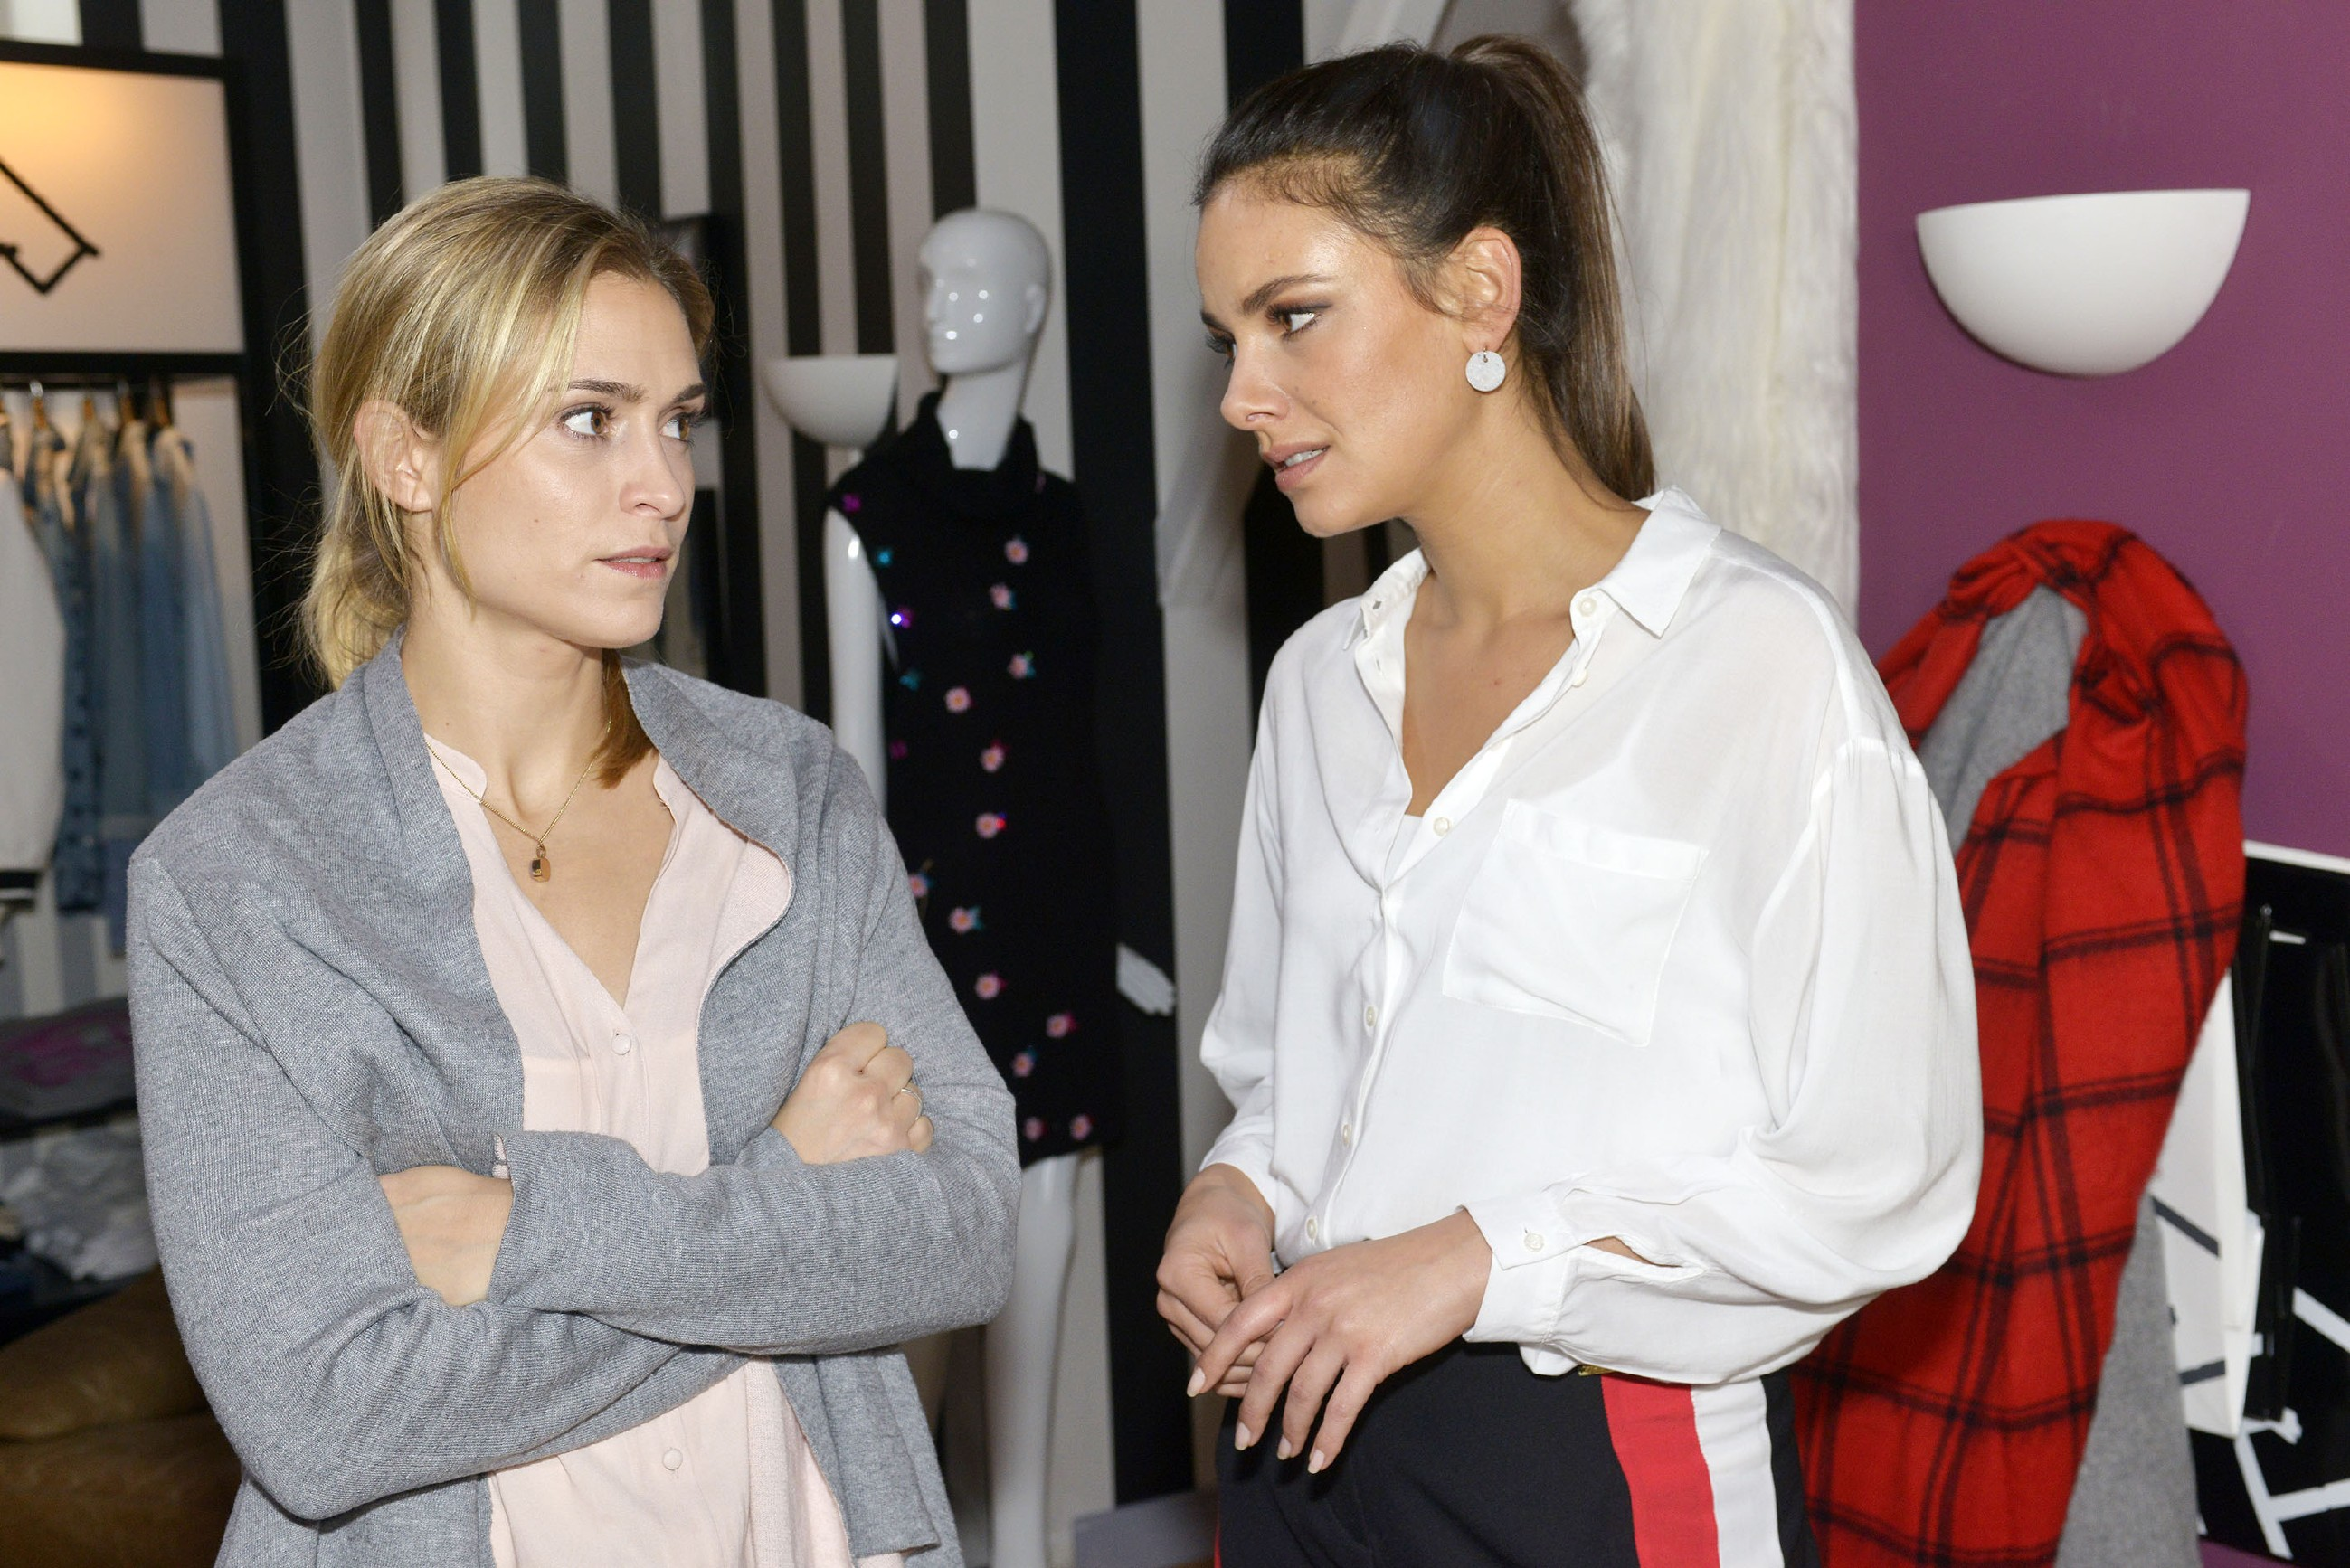 Jasmin (Janina Uhse, r.) kann nicht glauben, dass Leon sich von Sophie (Lea Marlen Woitack) getrennt hat. (Quelle: RTL / Rolf Baumgartner)